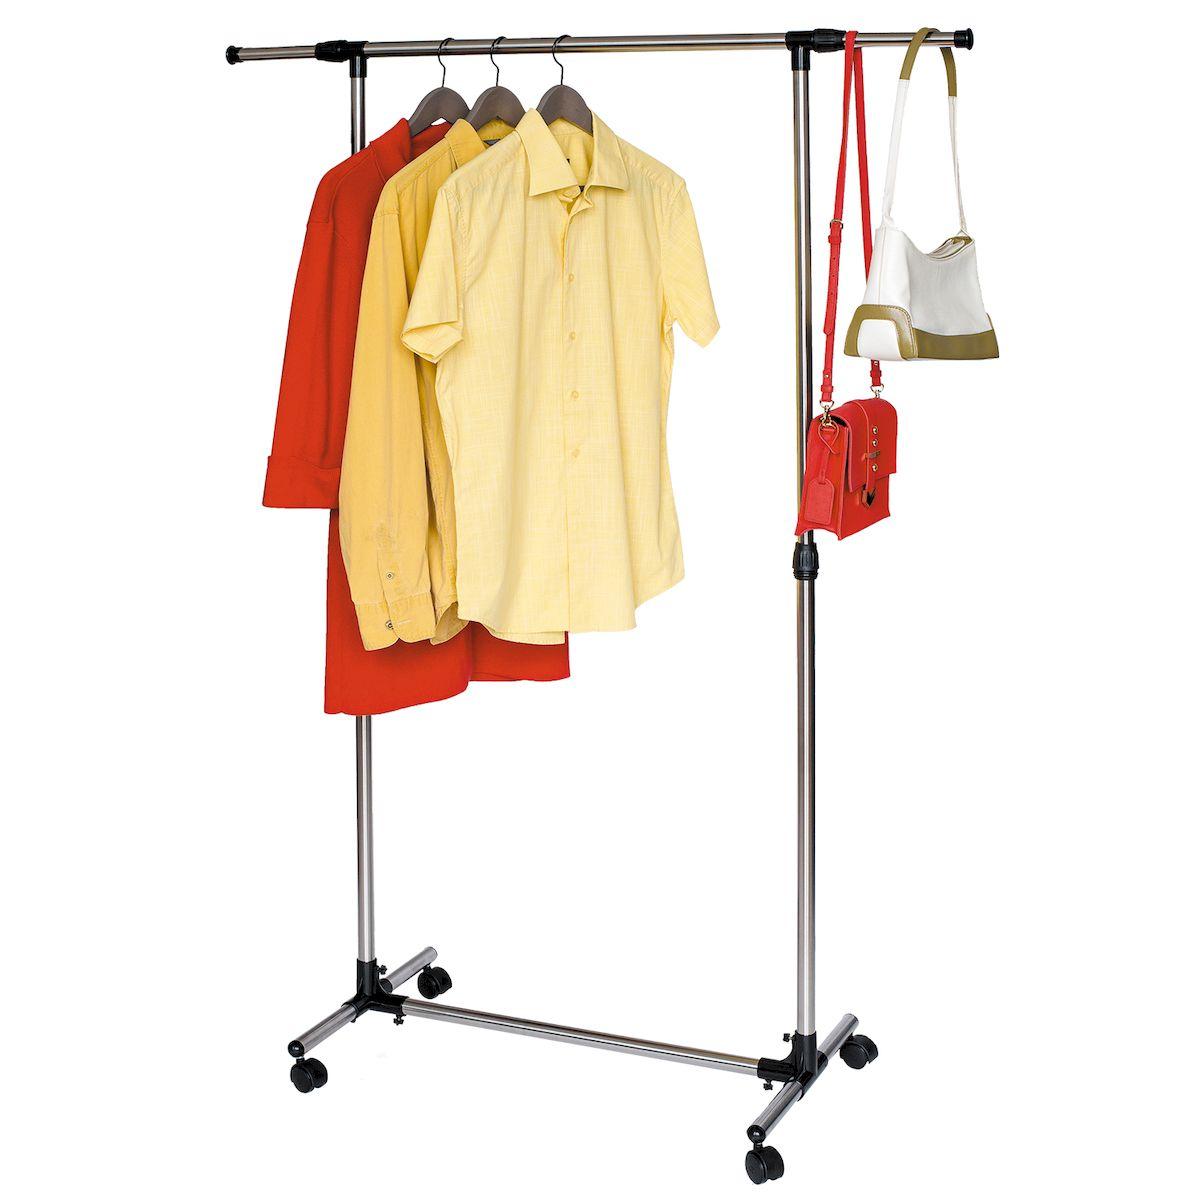 Стойка для одежды Tatkraft PEGASUS, с усиленной базой, боковые телескопические штанги вешалка для одежды tatkraft karta напольная цвет белый черный высота 173 см